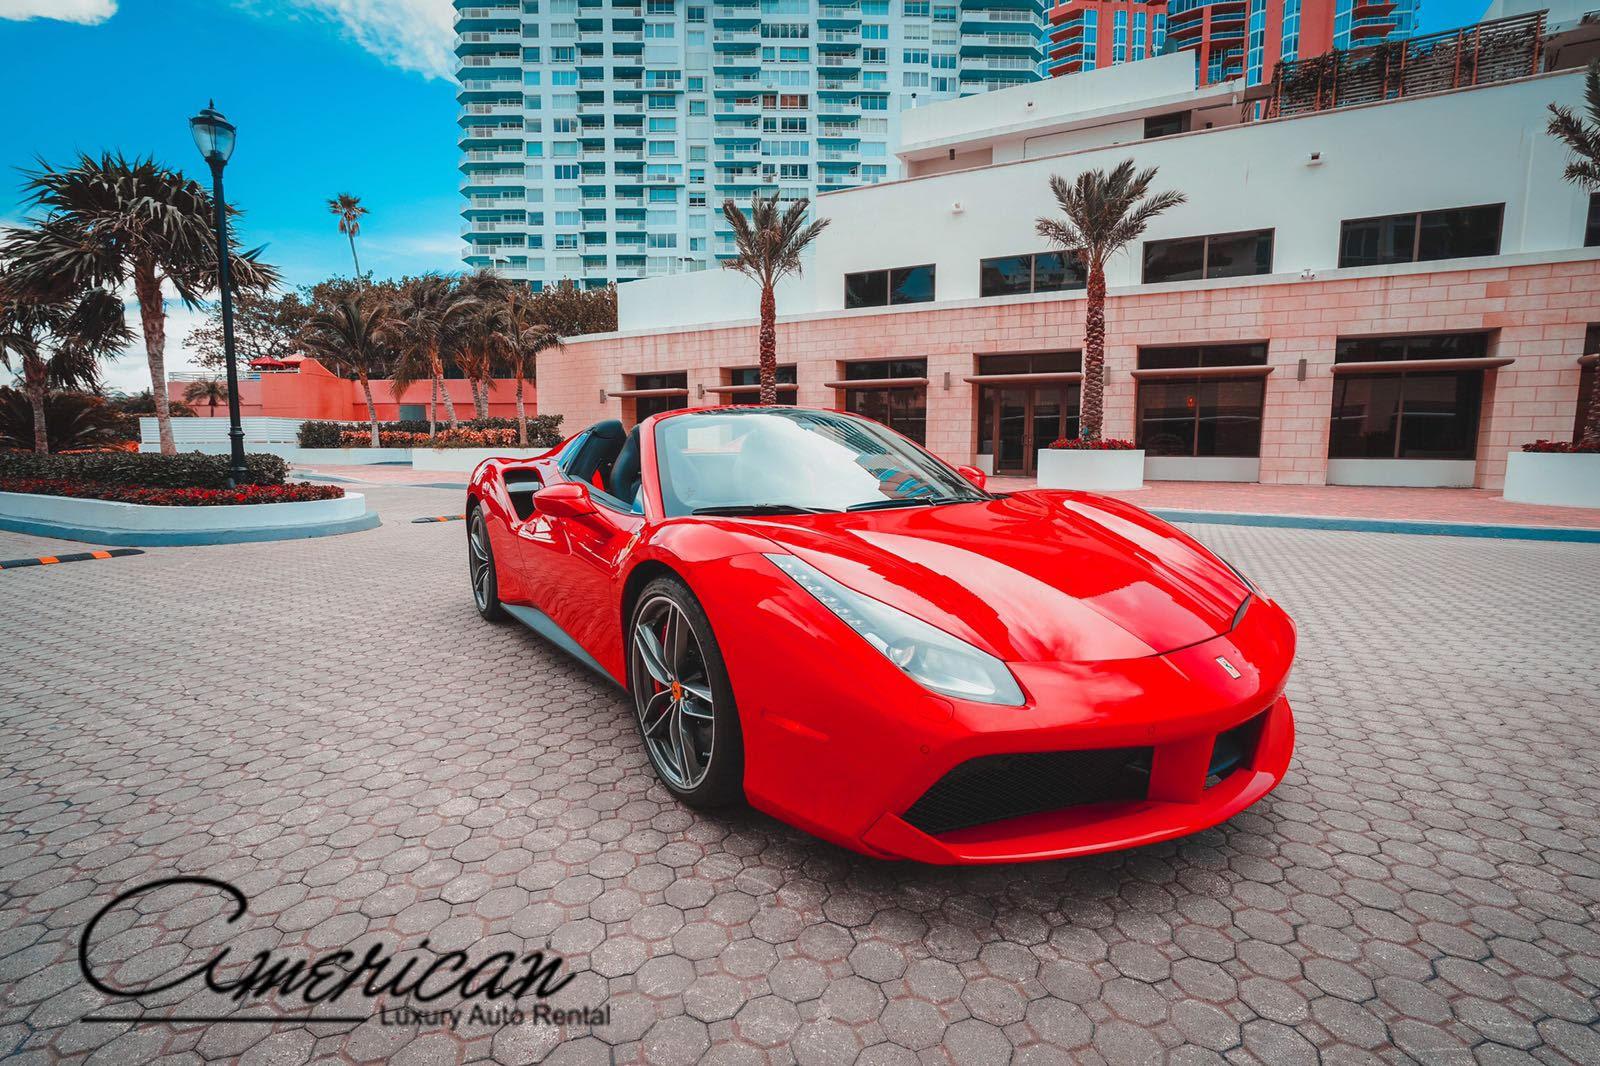 Ferrari 488 Gtb Spider Rental In Orlando American Luxury